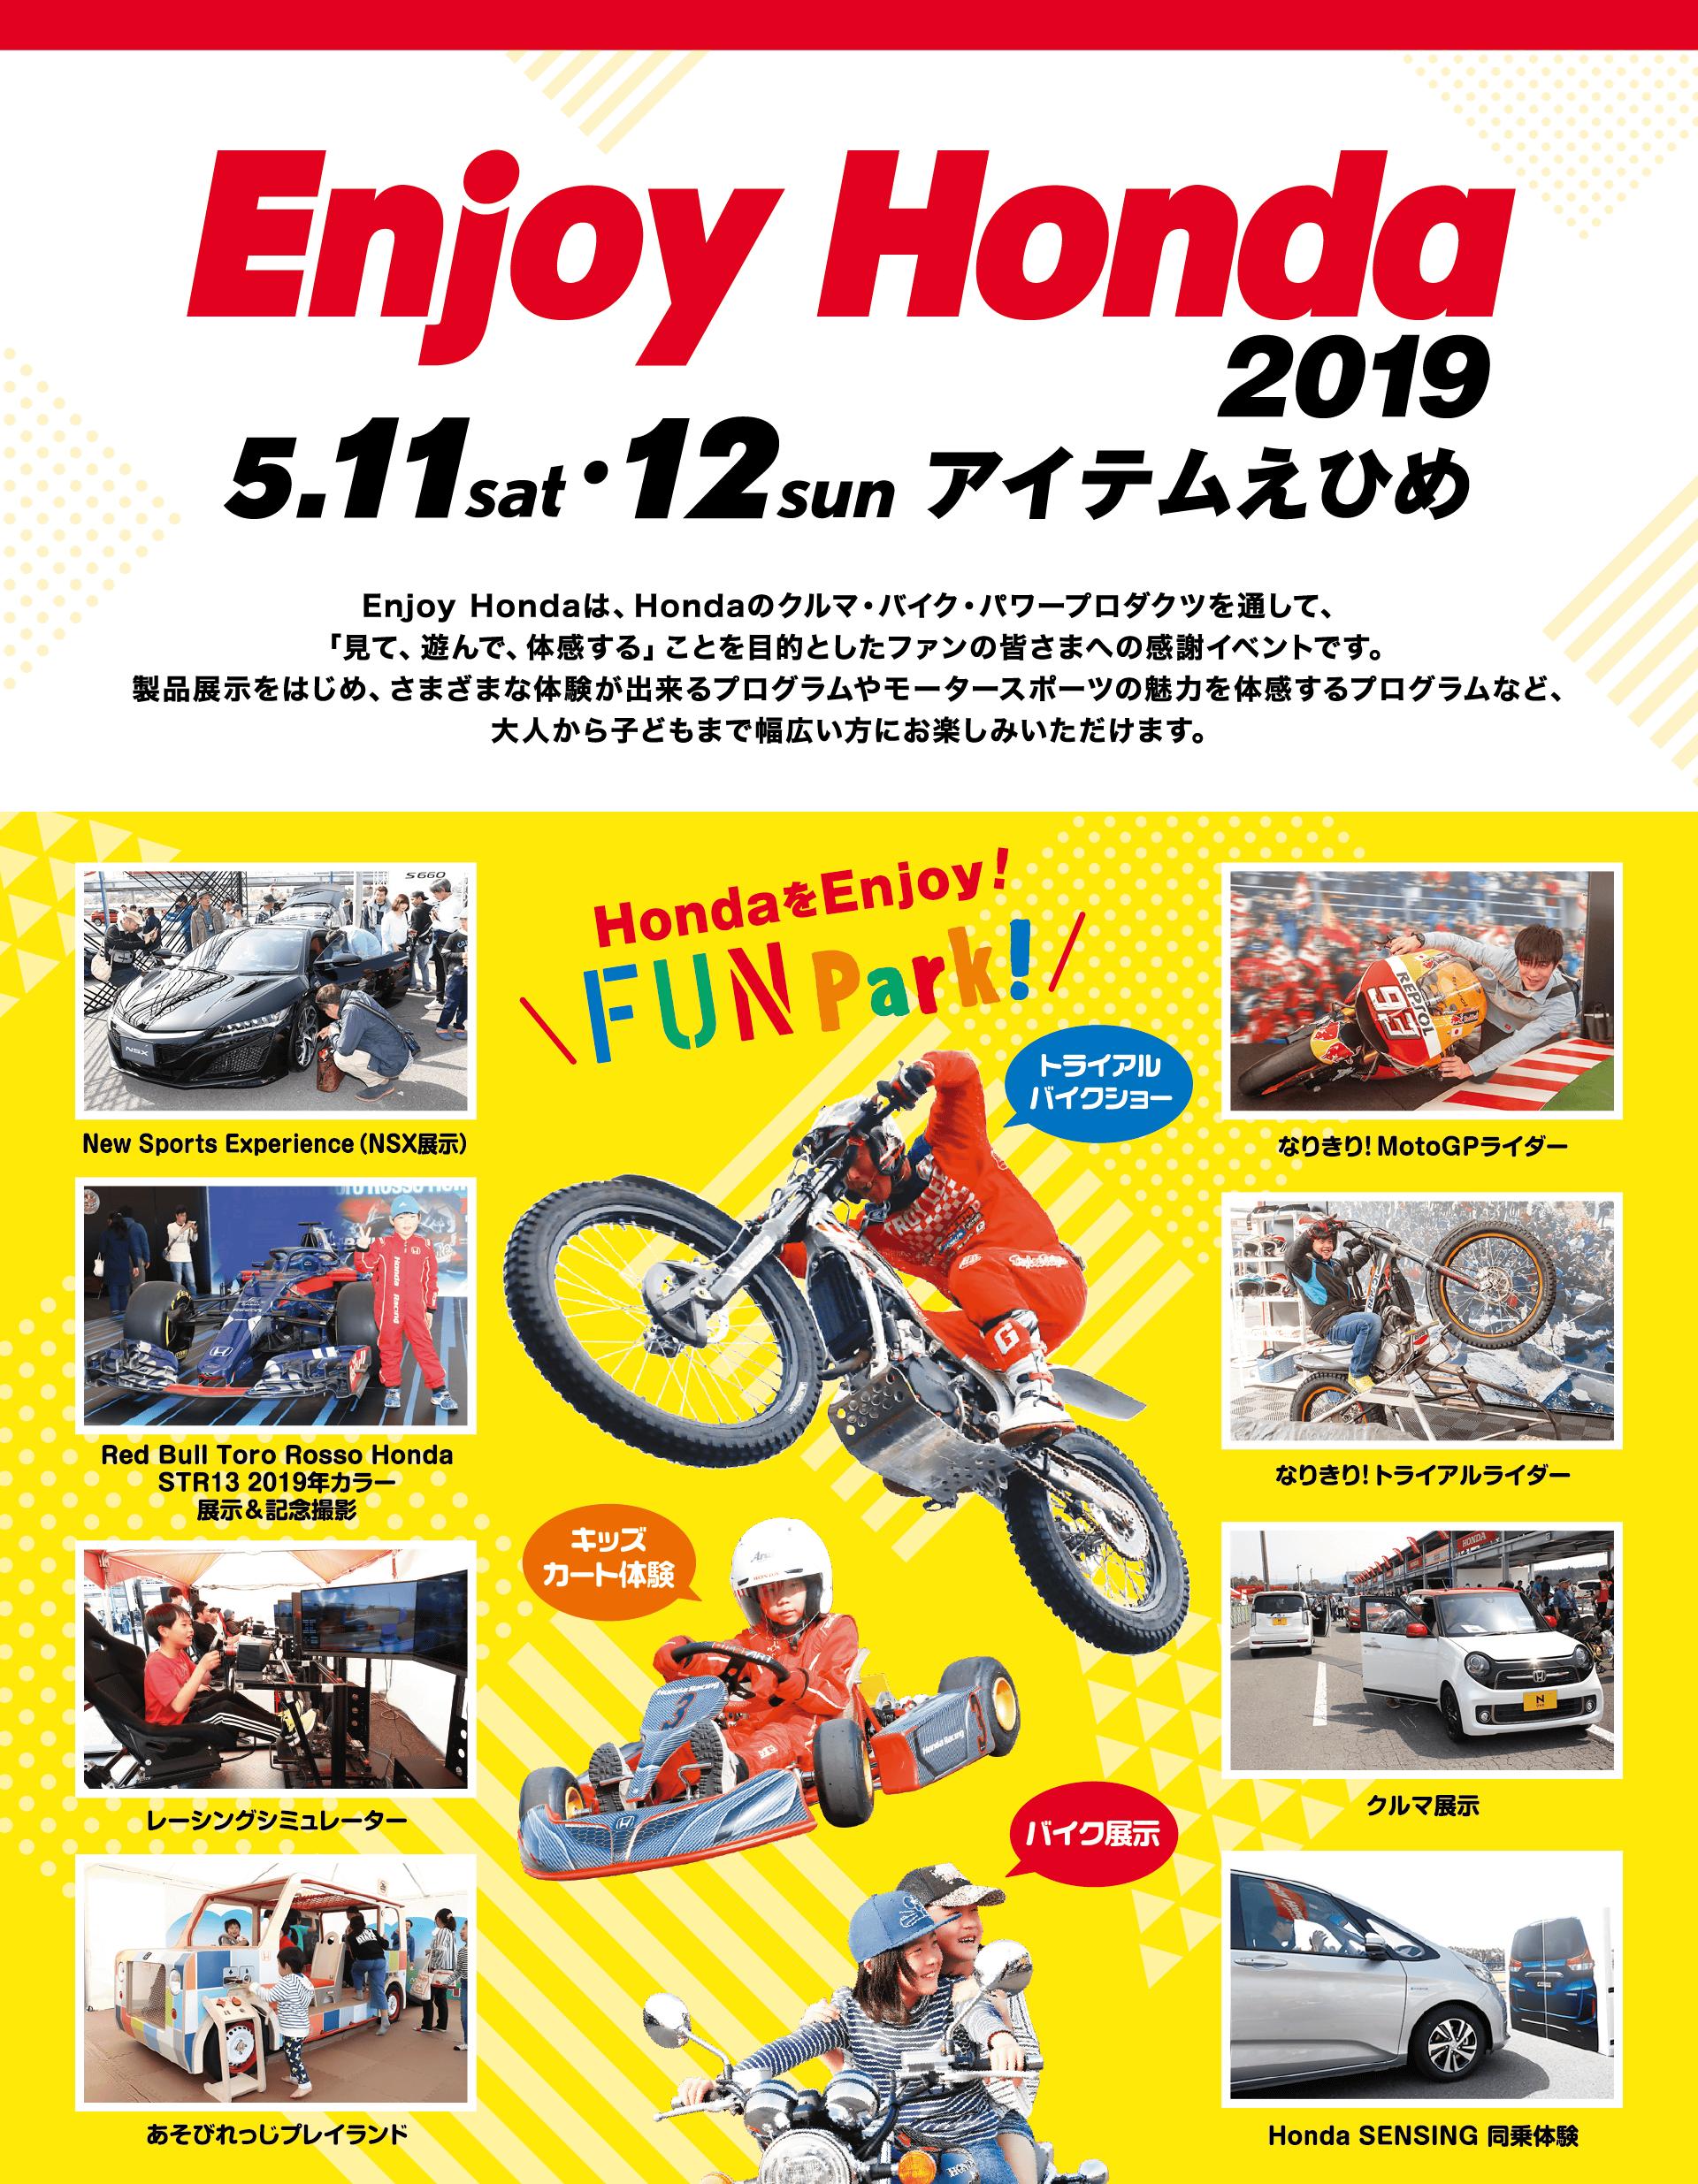 Enjoy Hondaは、5月11日・12日アイテムえひめにて開催!「見て、遊んで、体感する」ことを目的としたファンの皆さまへの感謝イベントです。